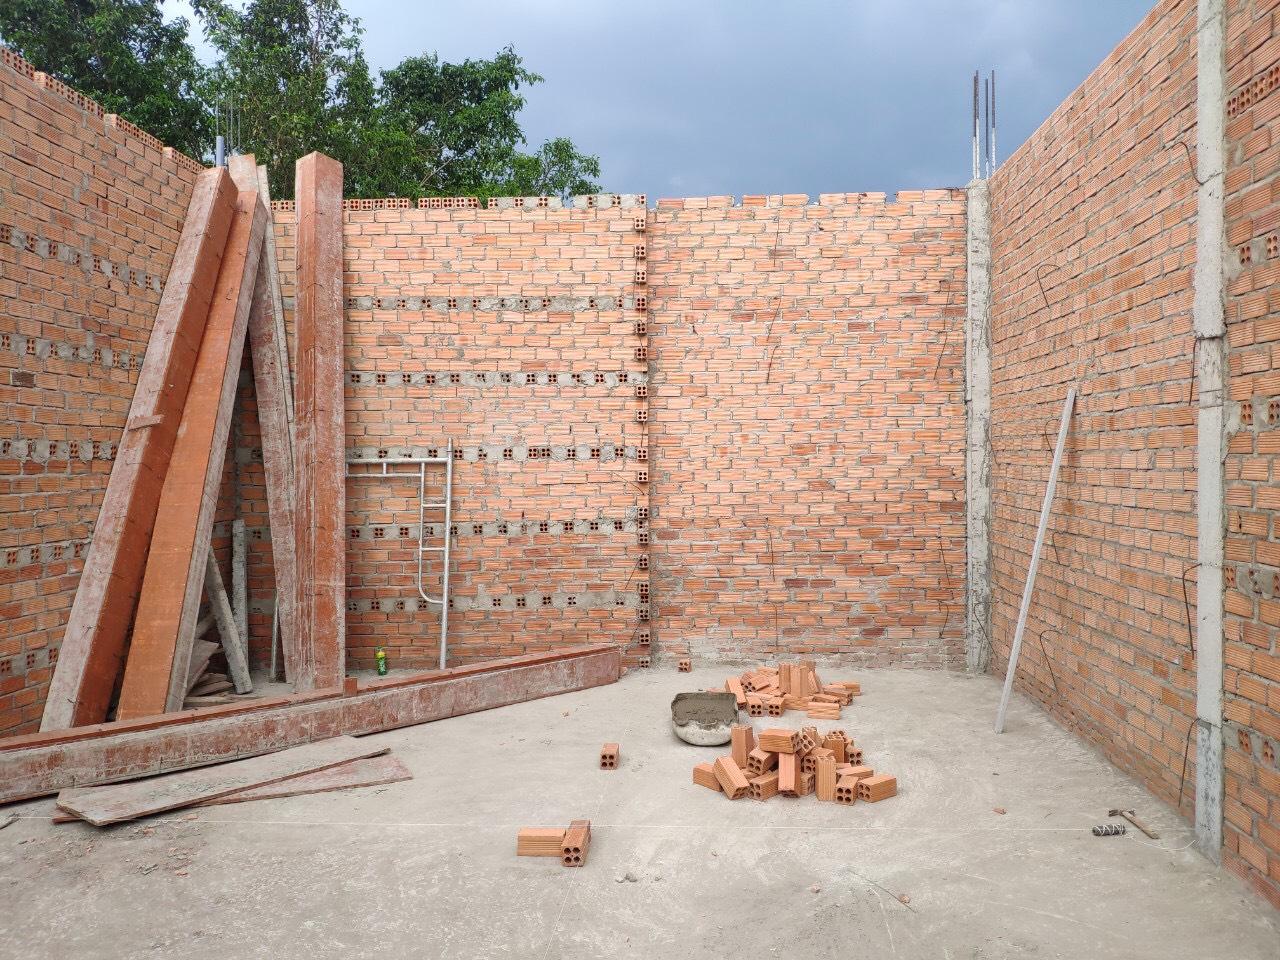 Hình ảnh thi công xây dựng công trình Biên Hòa Đồng Nai 15